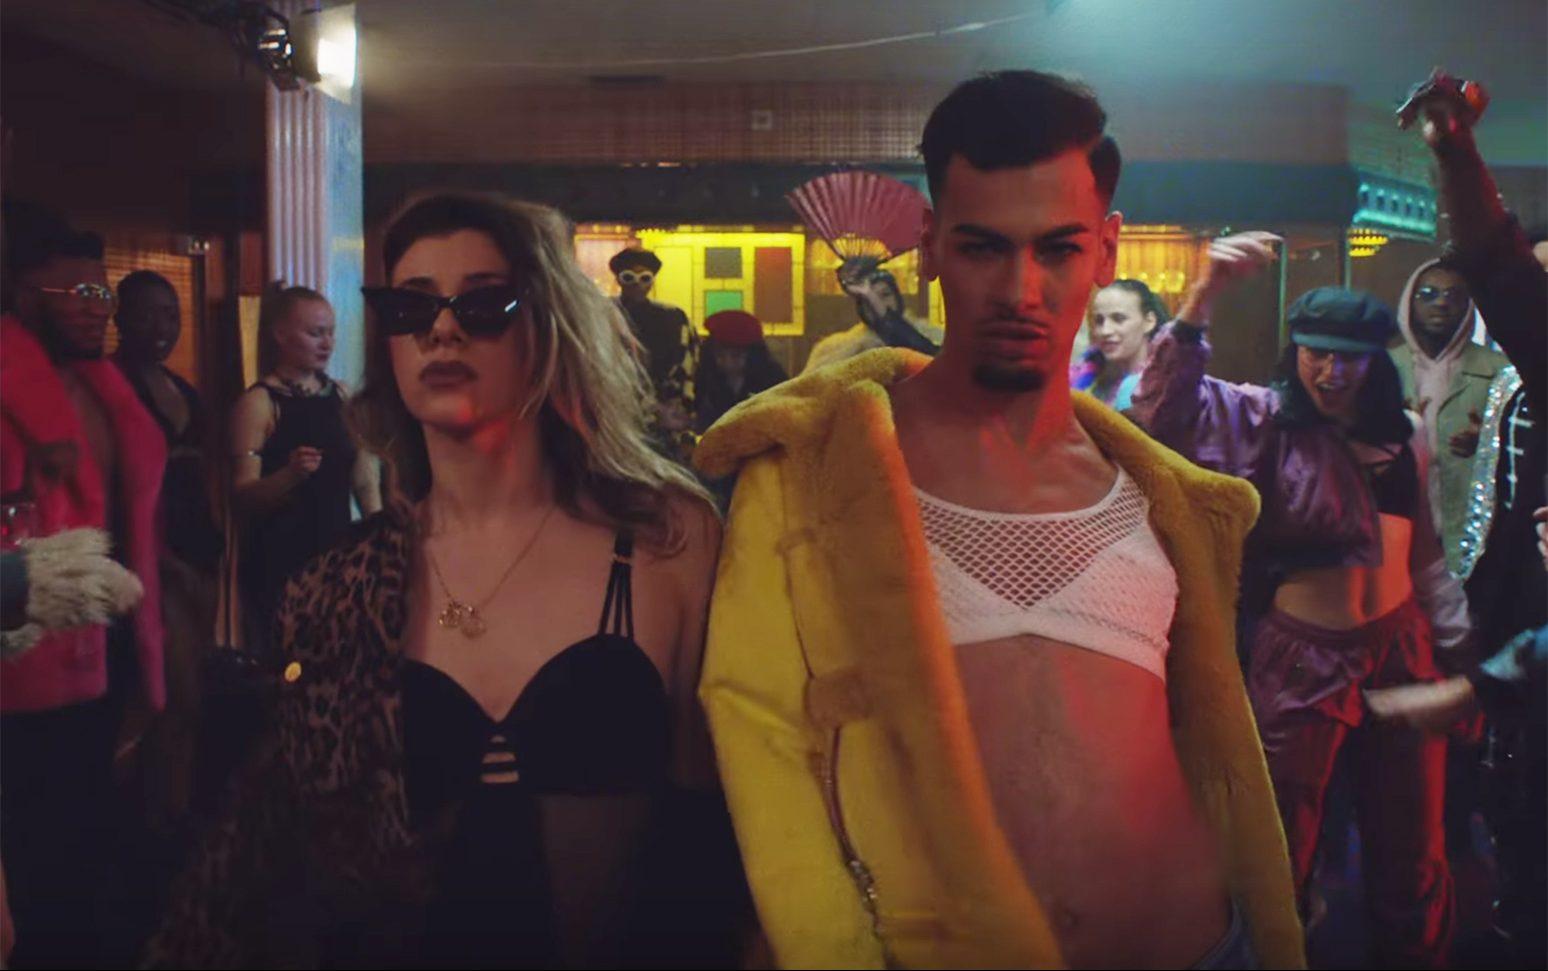 İzleyin: Demi Lovato ve Q-Tip'in Harika Elton John Cover'ı, Bir Gay Barda Vogue Dansı Yapmayı Kutluyor